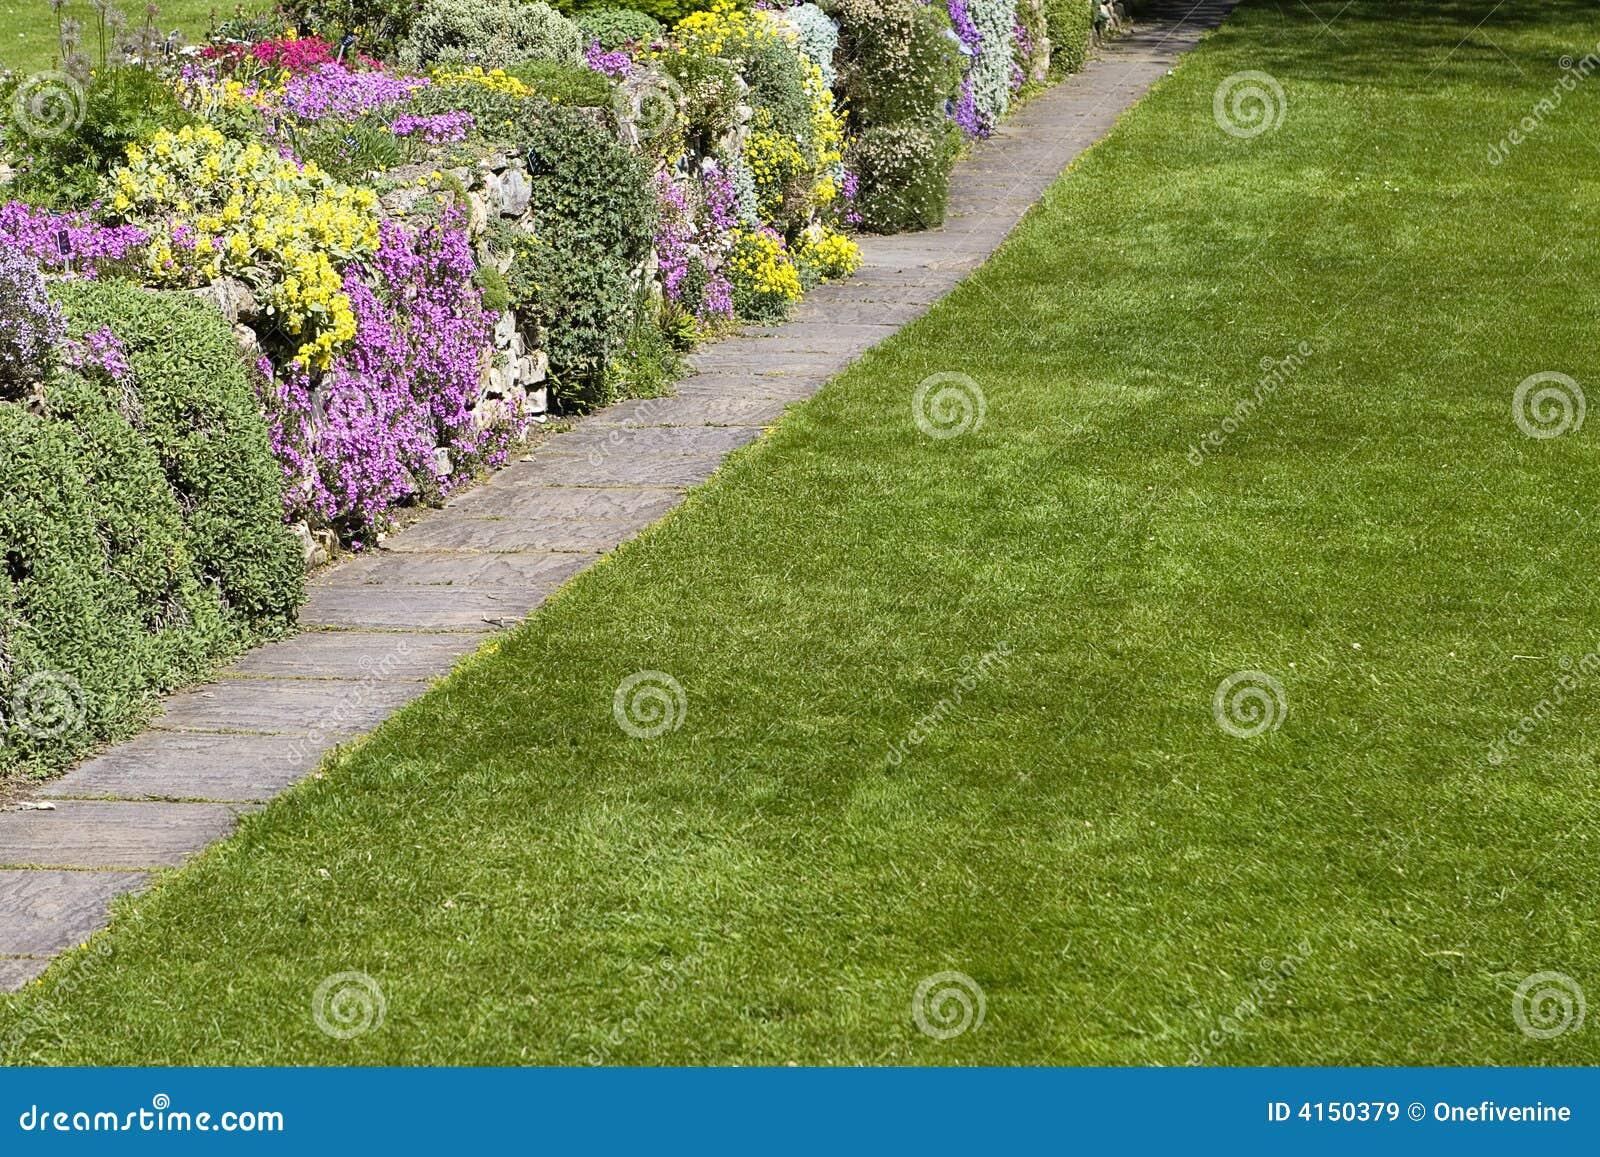 Schöne Garten Rasen Blumen Stockbild Bild Von Zeile Pfad 4150379